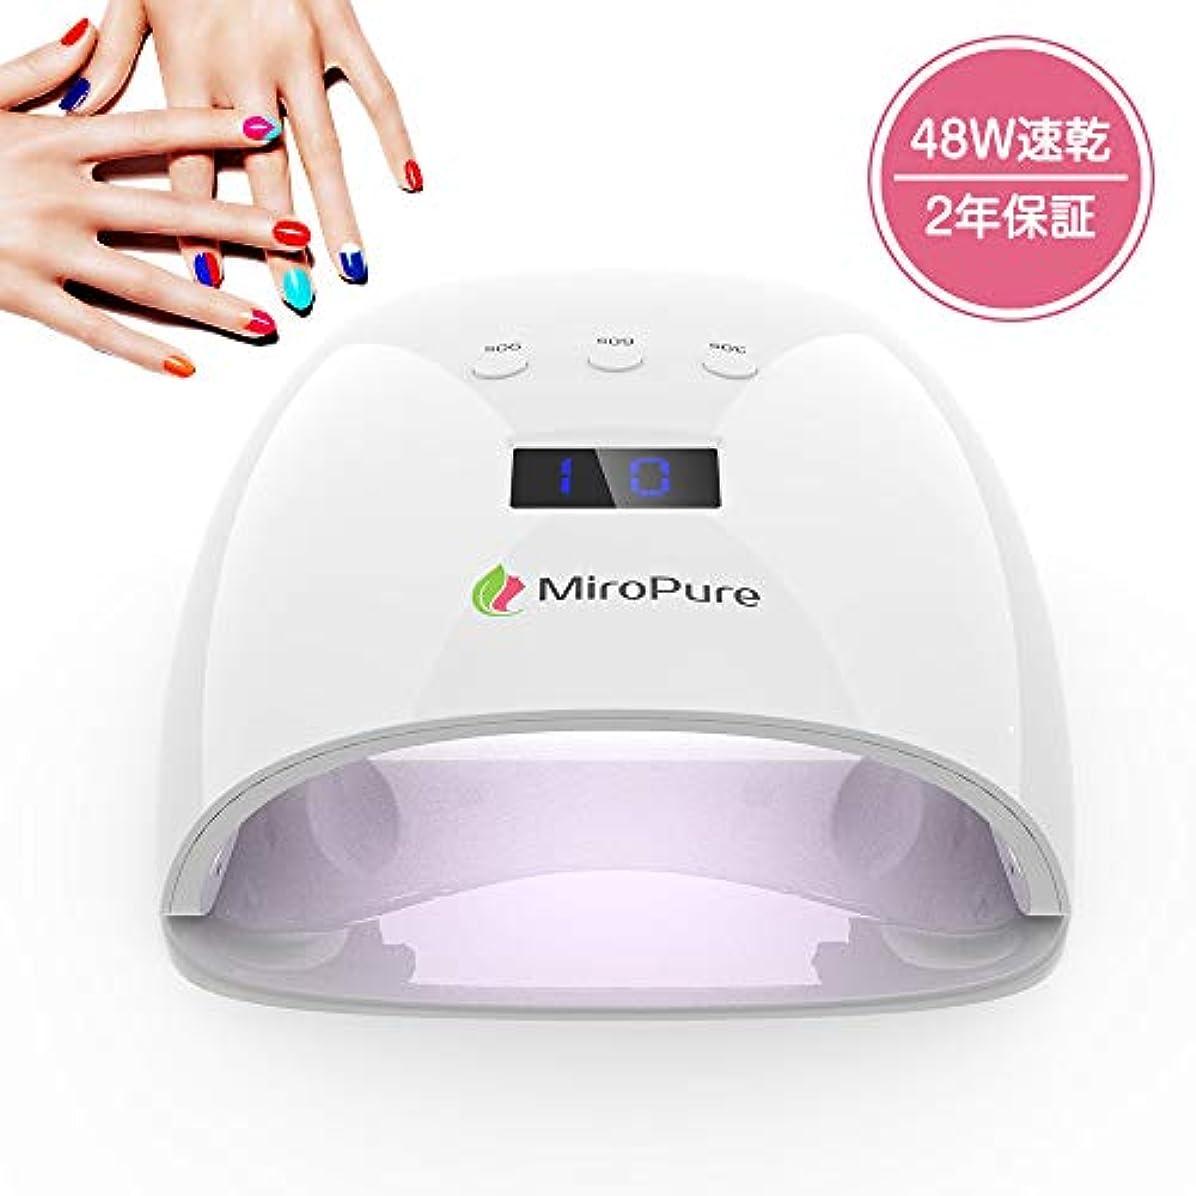 結果敵対的昼寝Miropure ネイルドライヤー 48W UV LED ライト 赤外線検知 自動オンオフ機能 3つタイマー設定 速乾 ハンドフット両用 日本語説明書付属 【24ヶ月保証付き】